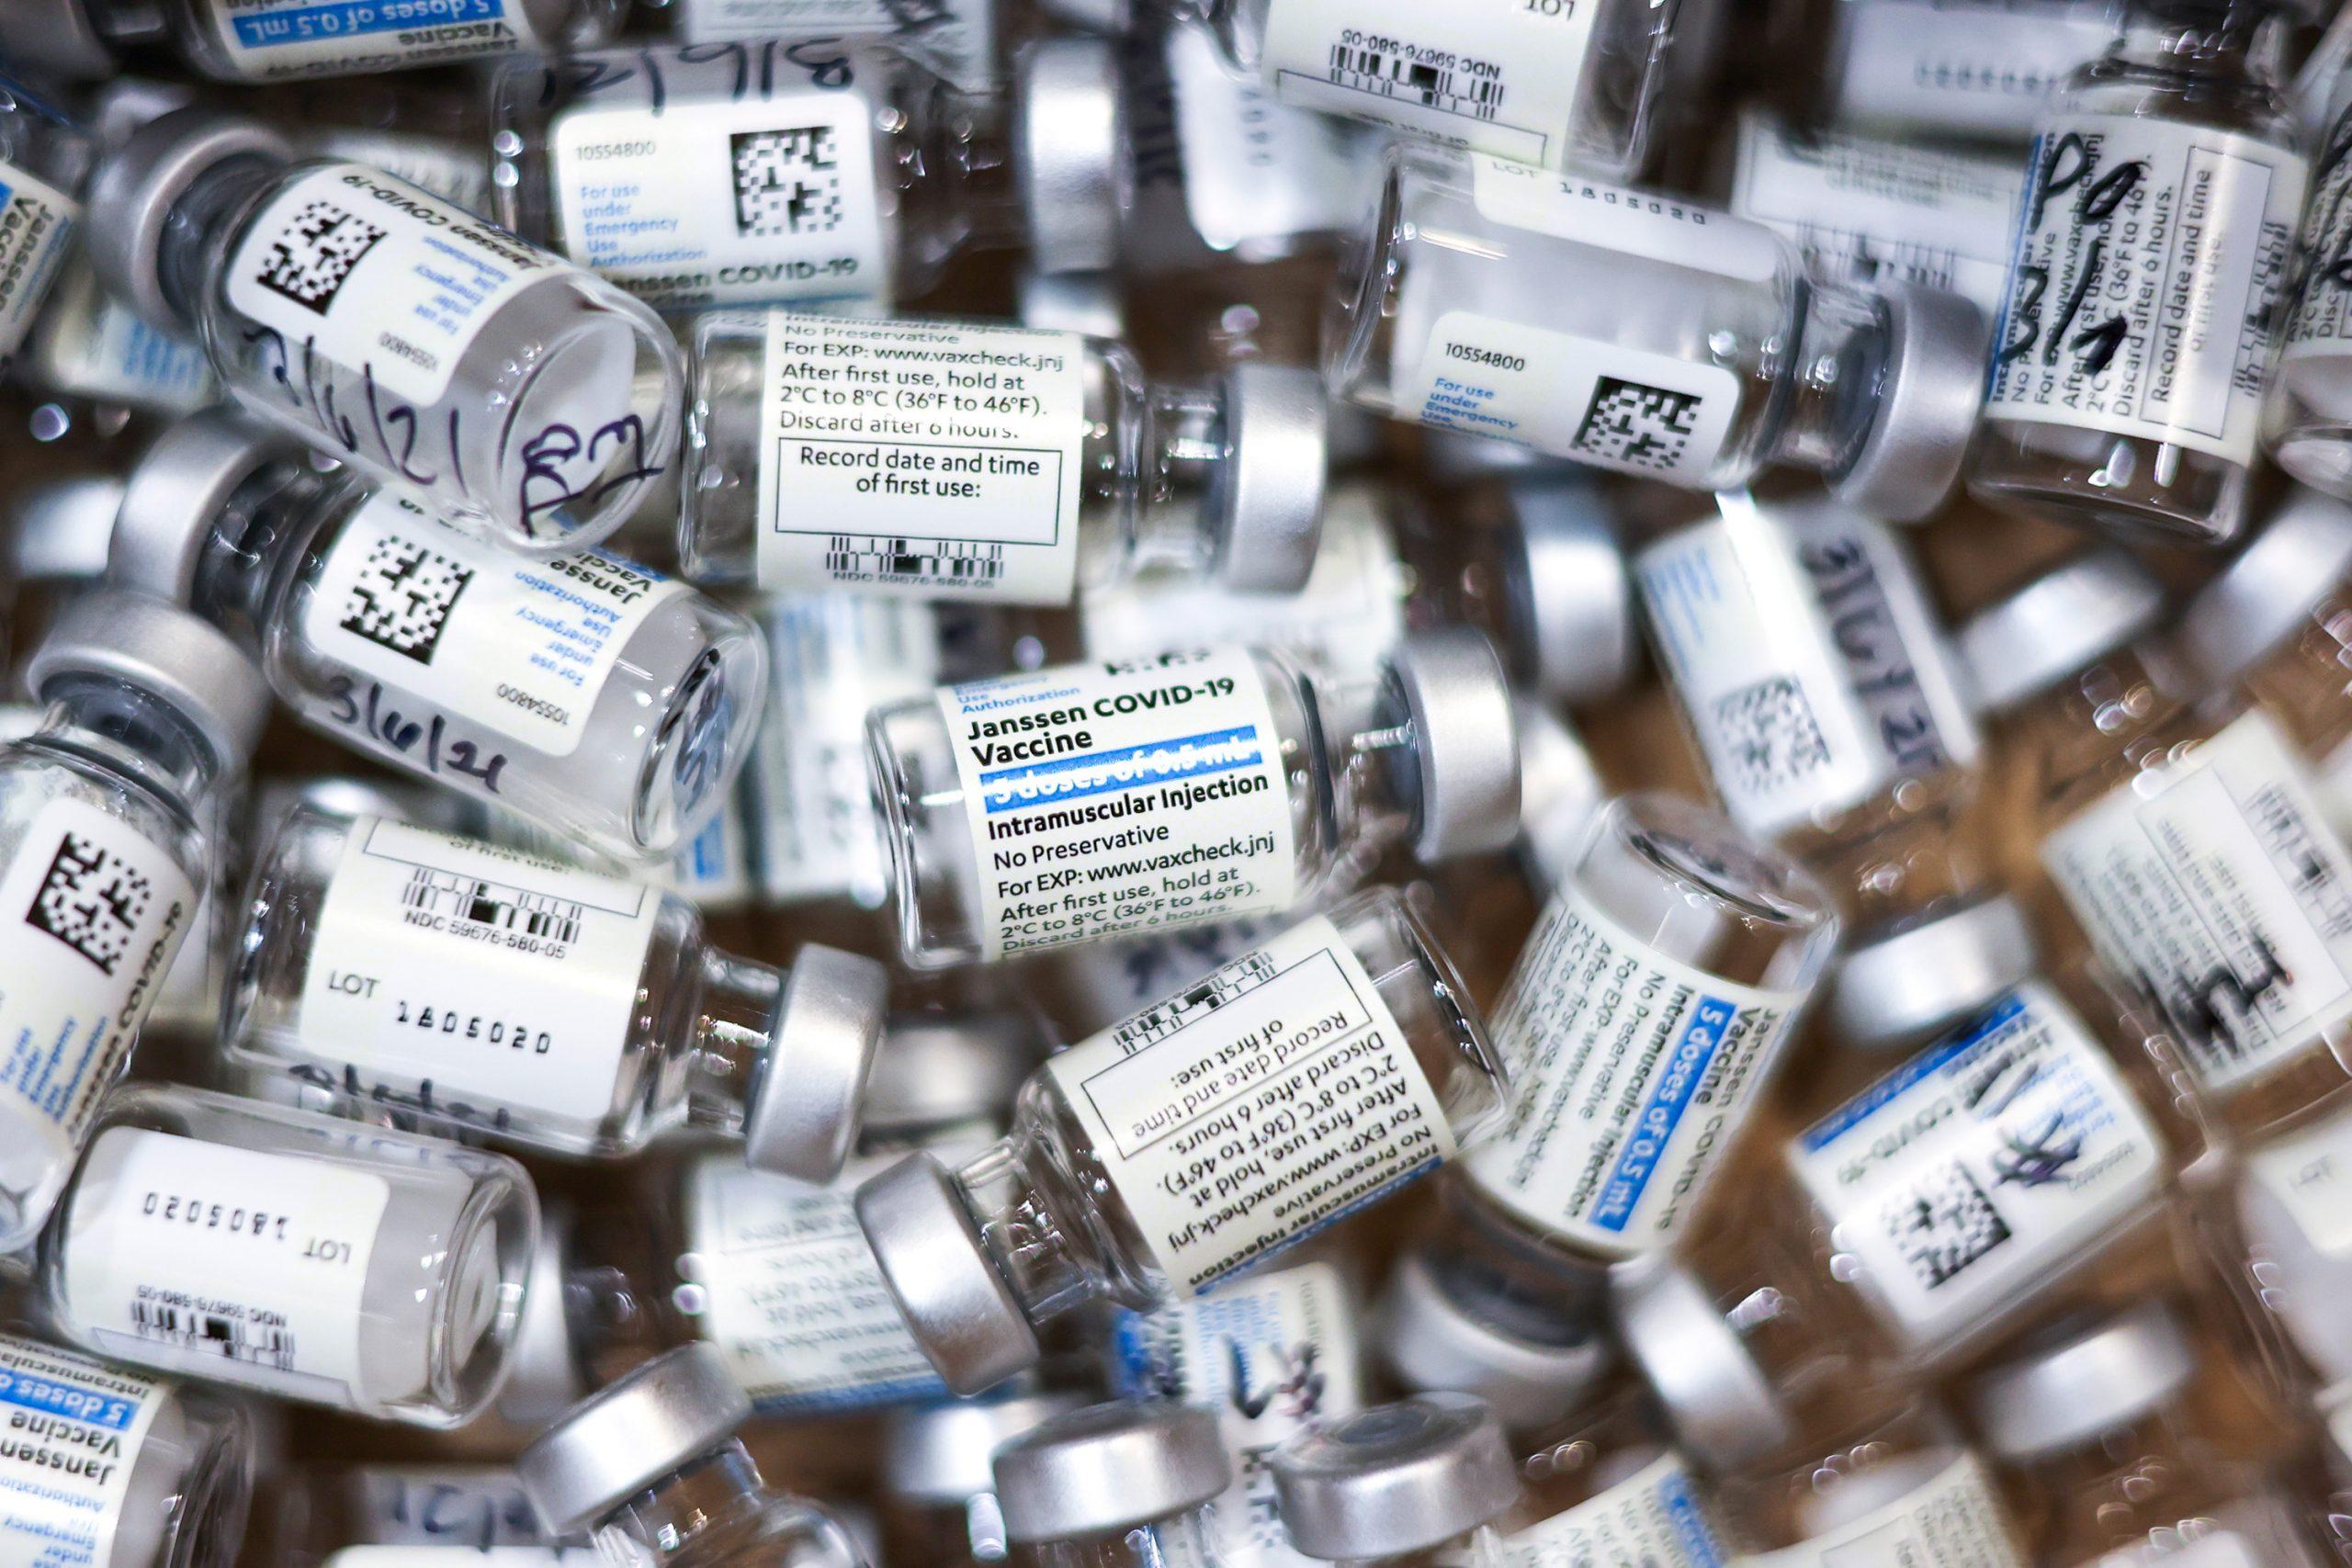 米国でJ&J製ワクチン接種を一時中止、深刻な血栓